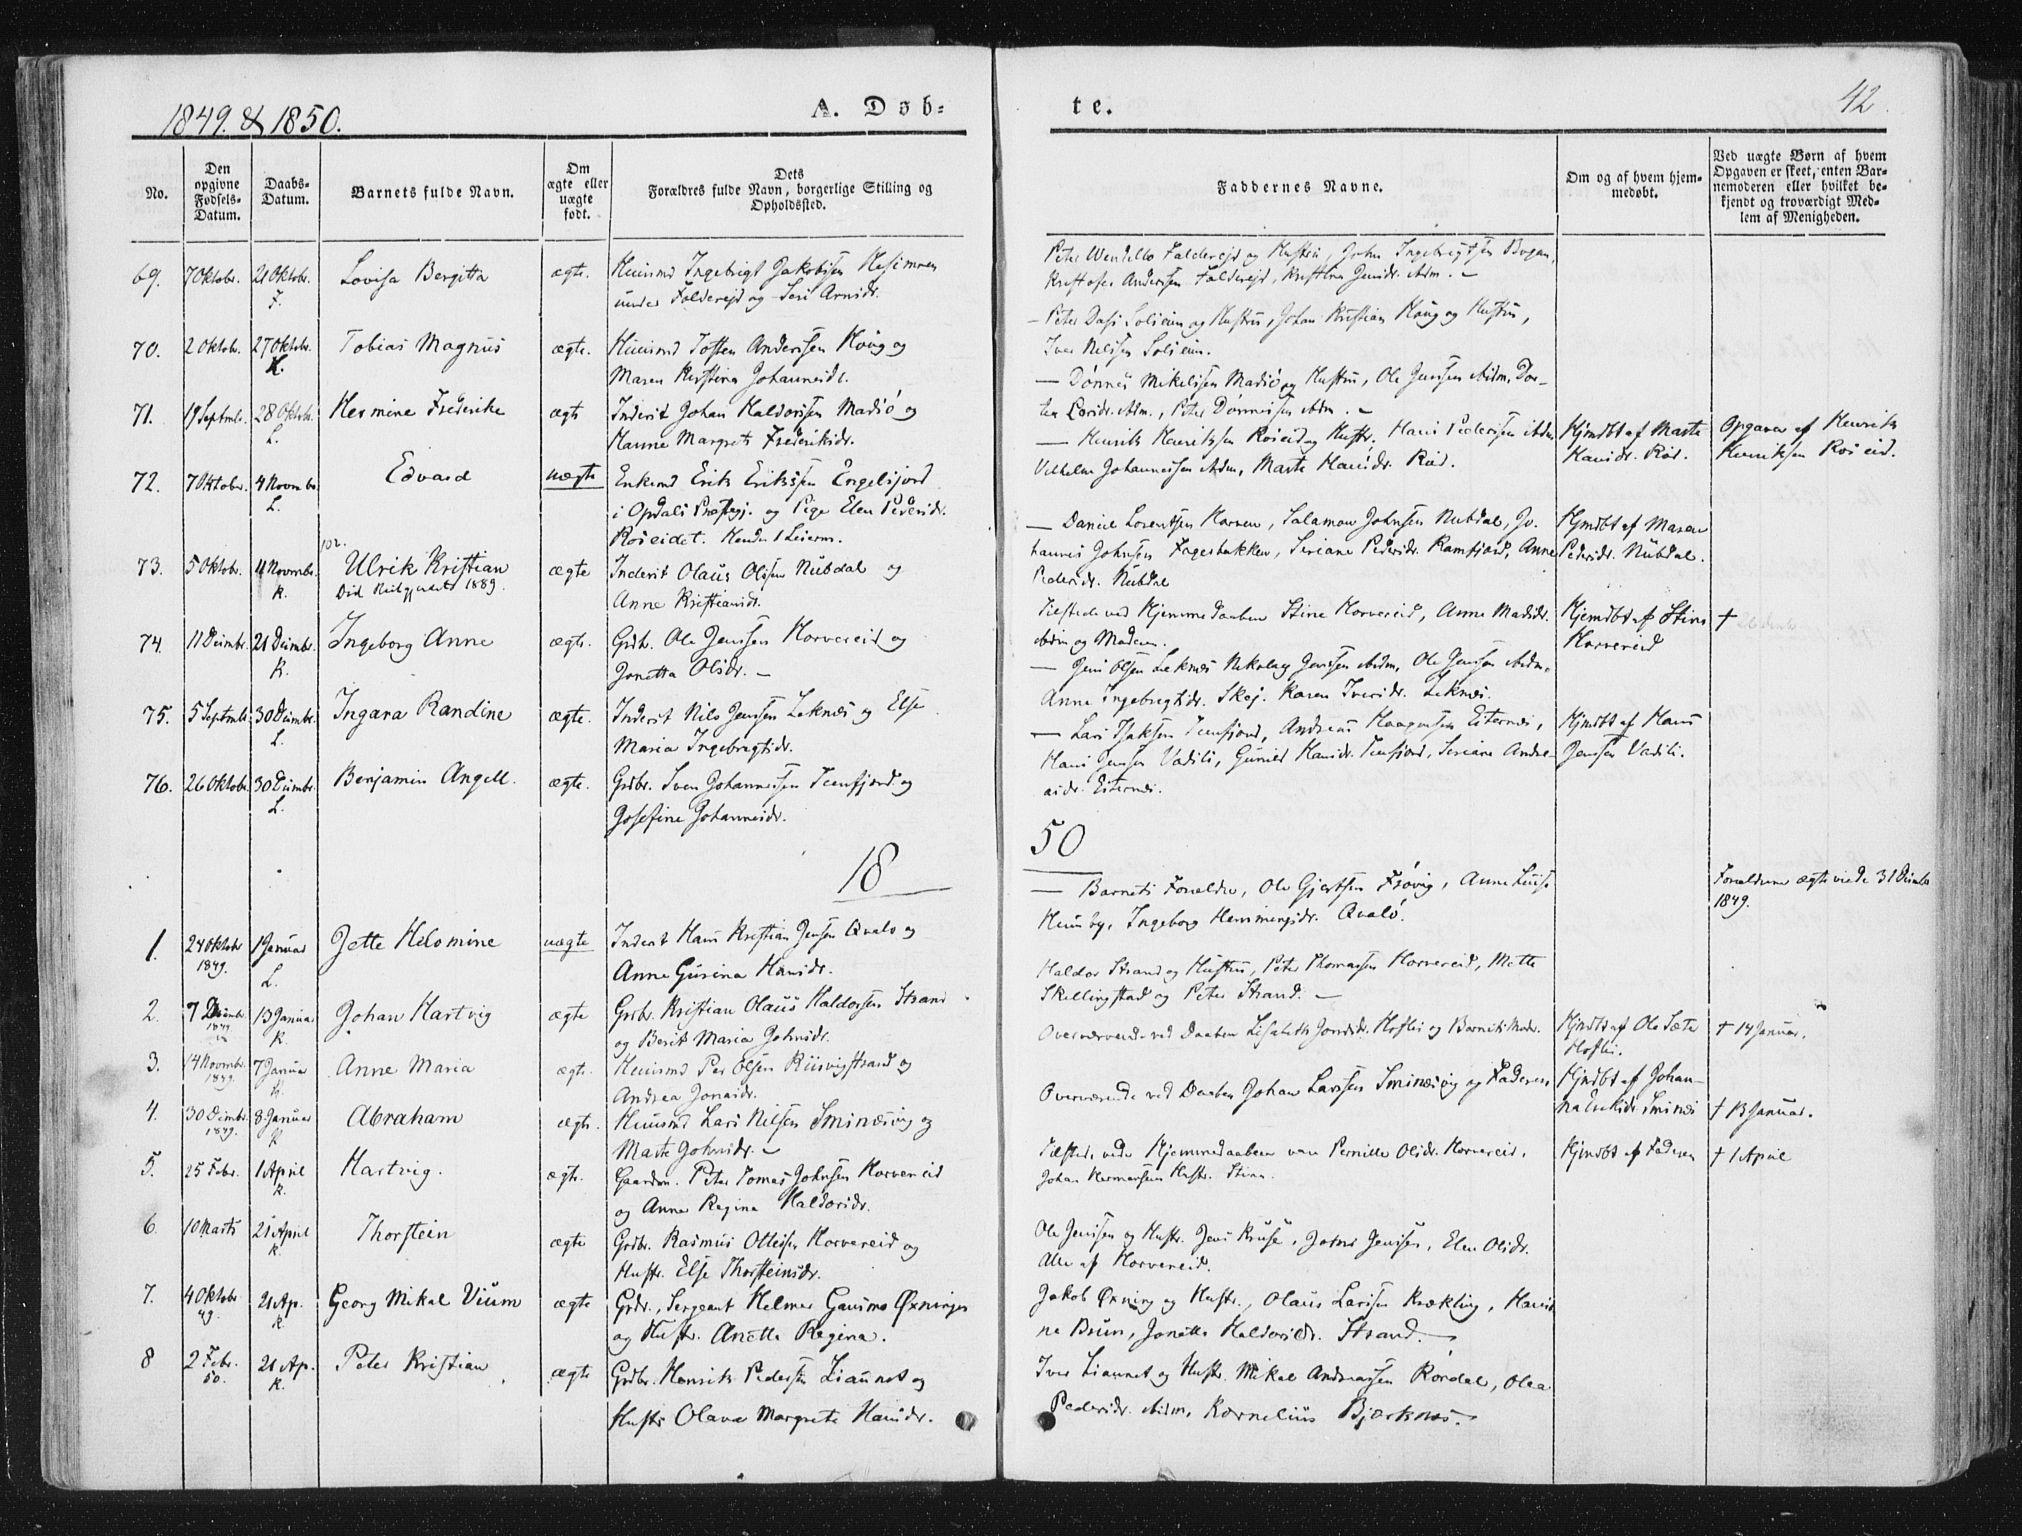 SAT, Ministerialprotokoller, klokkerbøker og fødselsregistre - Nord-Trøndelag, 780/L0640: Ministerialbok nr. 780A05, 1845-1856, s. 42